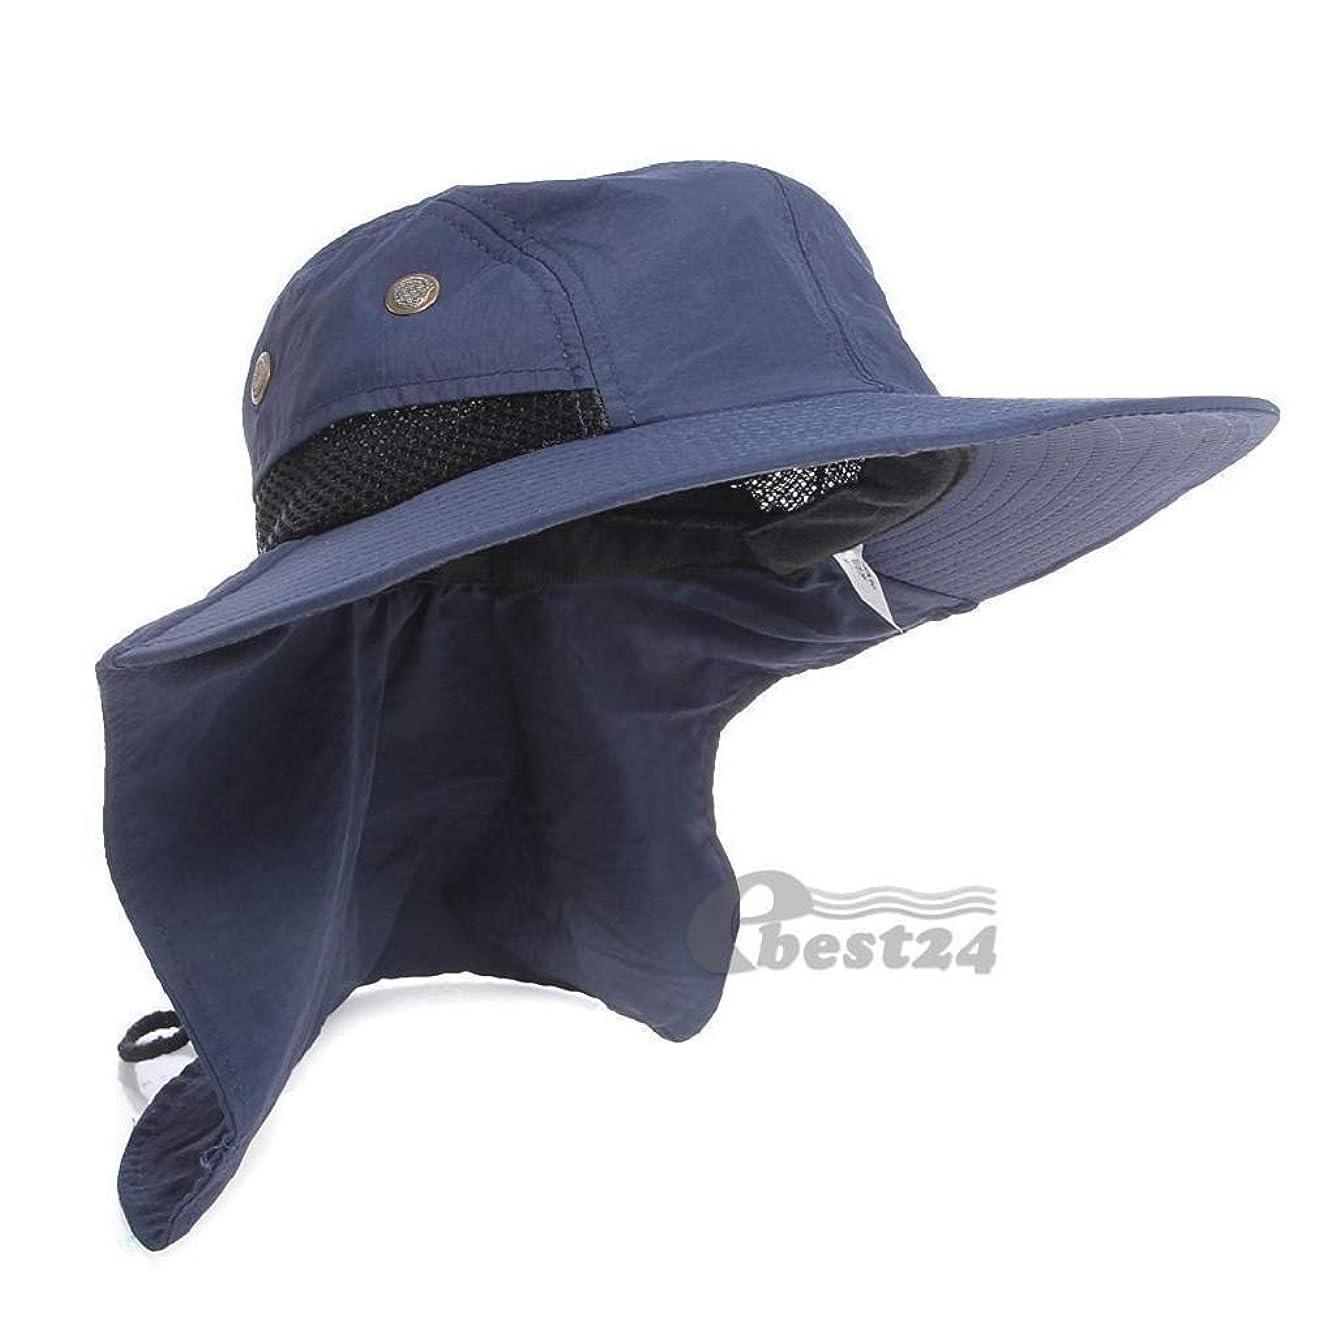 エジプト人誓う動力学日よけ帽 HJ夏の釣りハイキングガーデン屋外ブリムネックカバーバケツBoonie日フラップハットブッシュキャップメンズレジオネラハット紫外線対策 (Color : Blue)